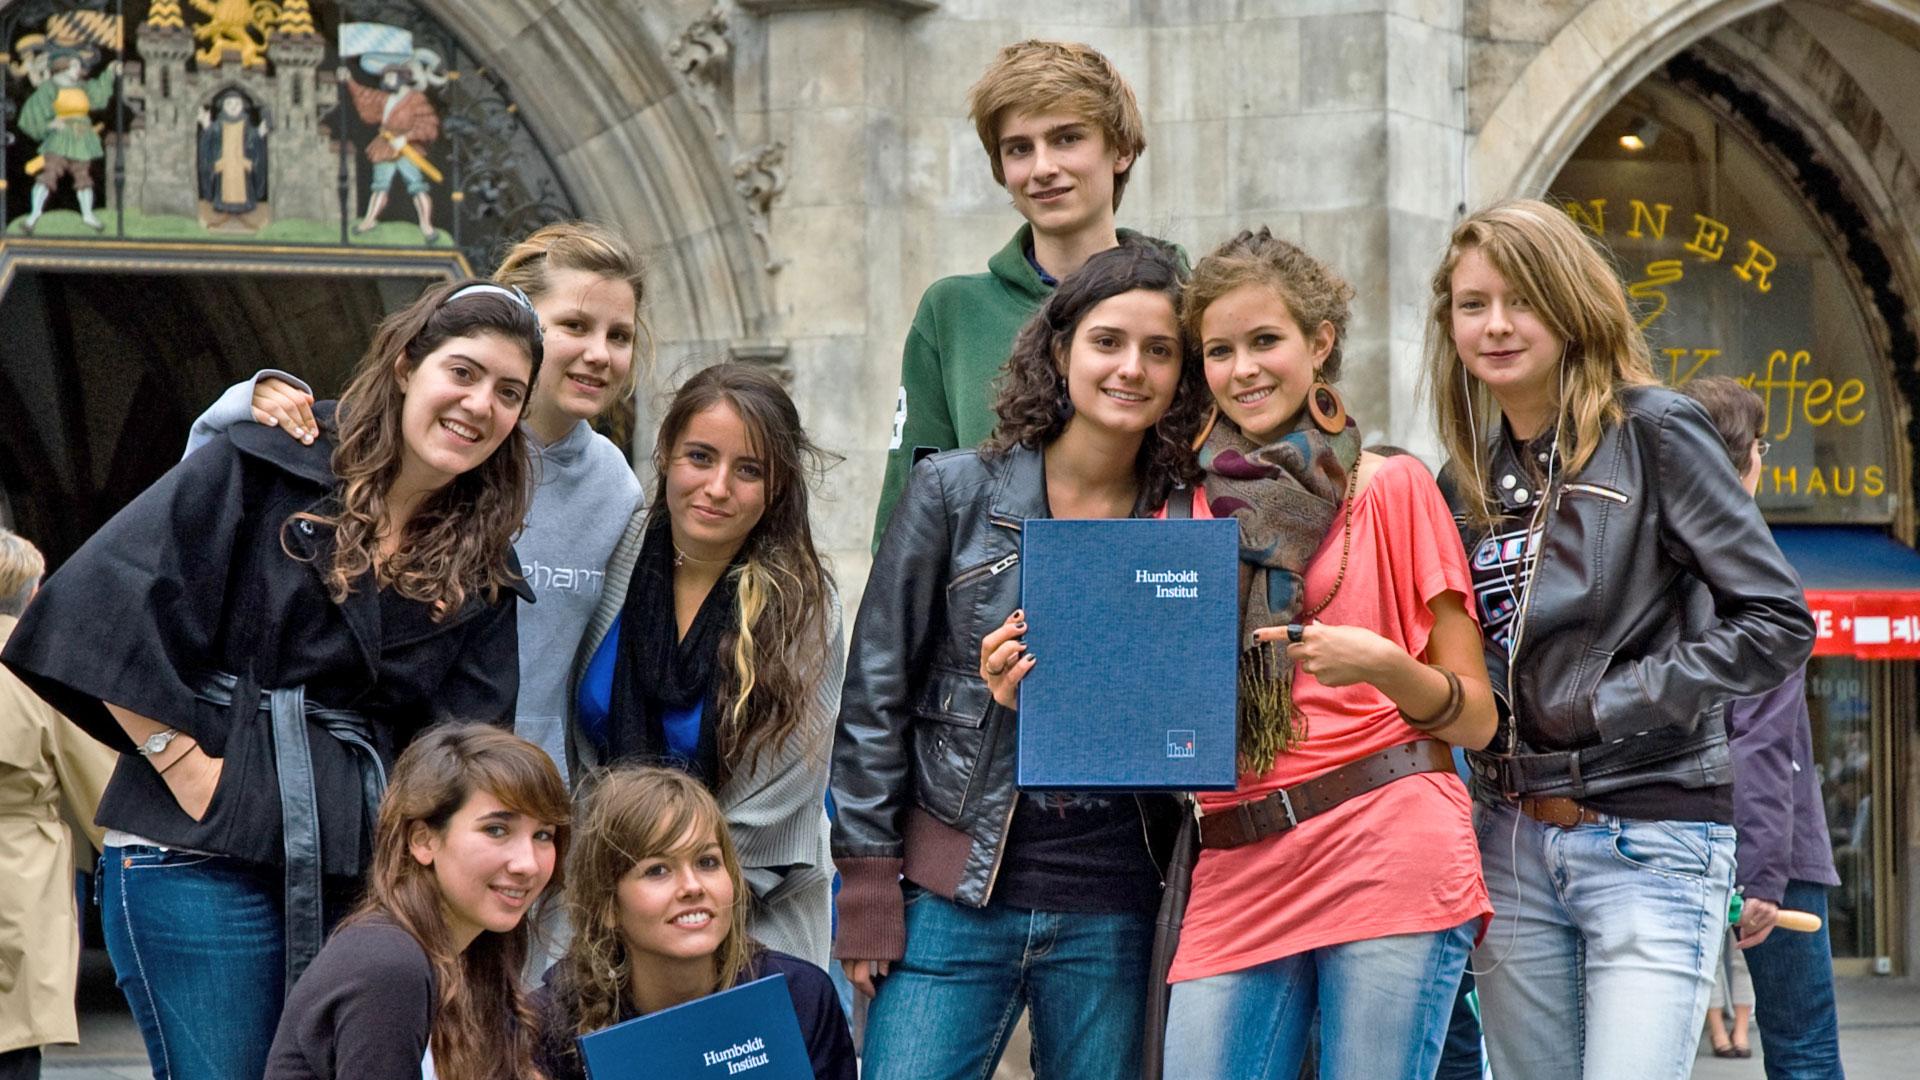 Humboldt, летняя школа для подростков, Мюнхен